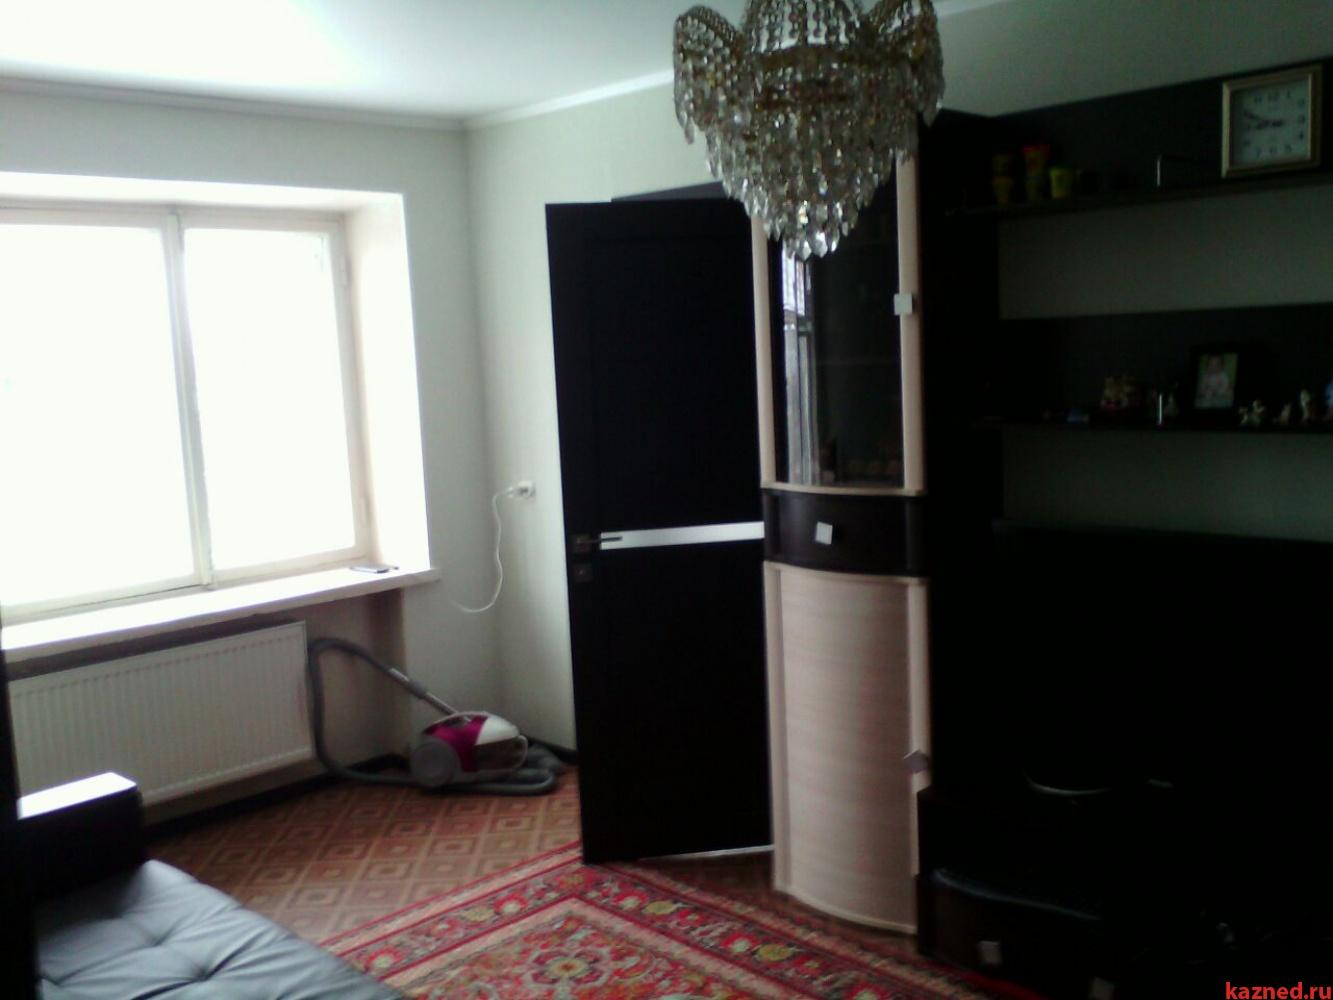 Продажа 2-к квартиры Горьковское шоссе, 12, 43 м²  (миниатюра №3)